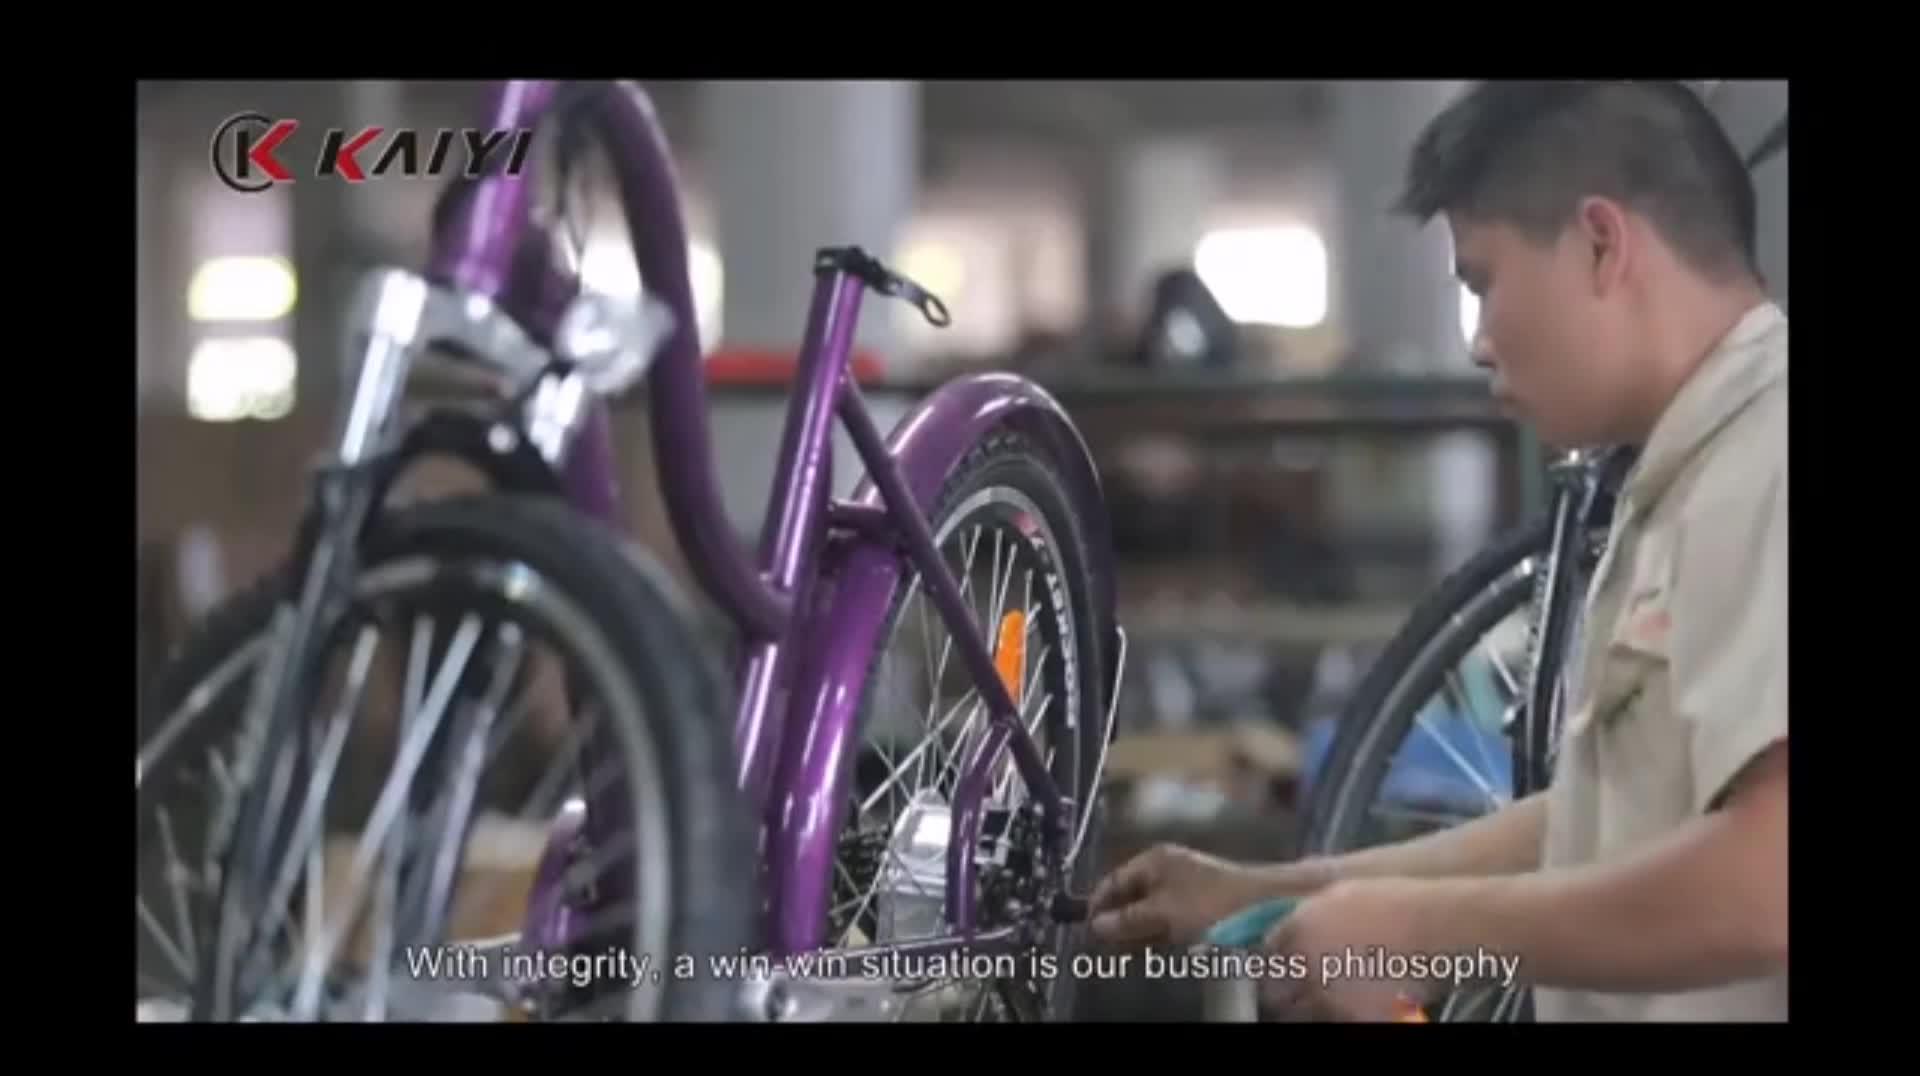 KAIYI novo certificado de fornecimento estável de montanha ebike 2 roda neve praia bicicleta gordura